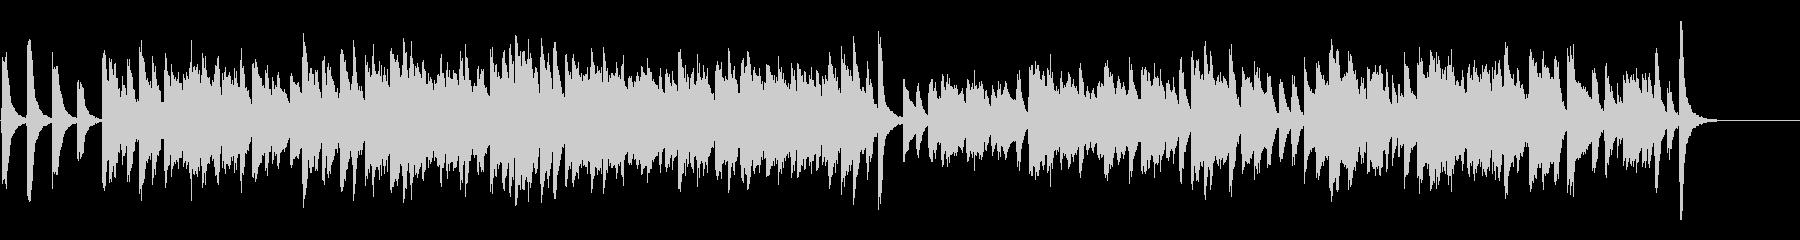 チャップリン風コミカルなラグタイムピアノの未再生の波形